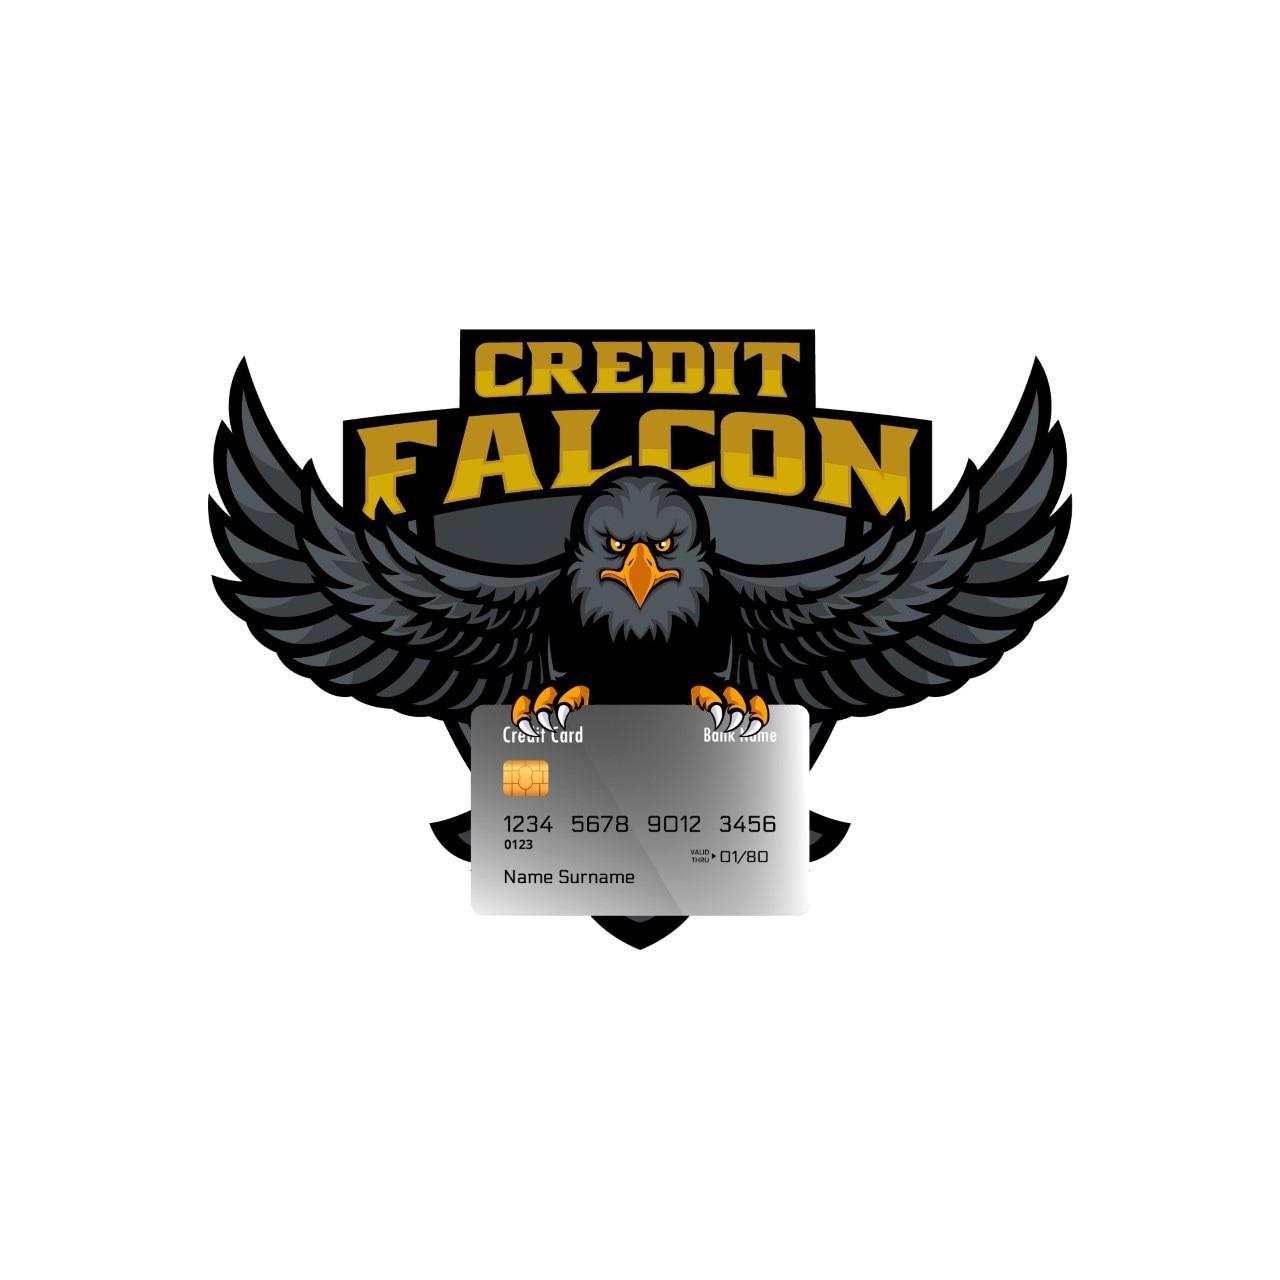 Credit Falcon